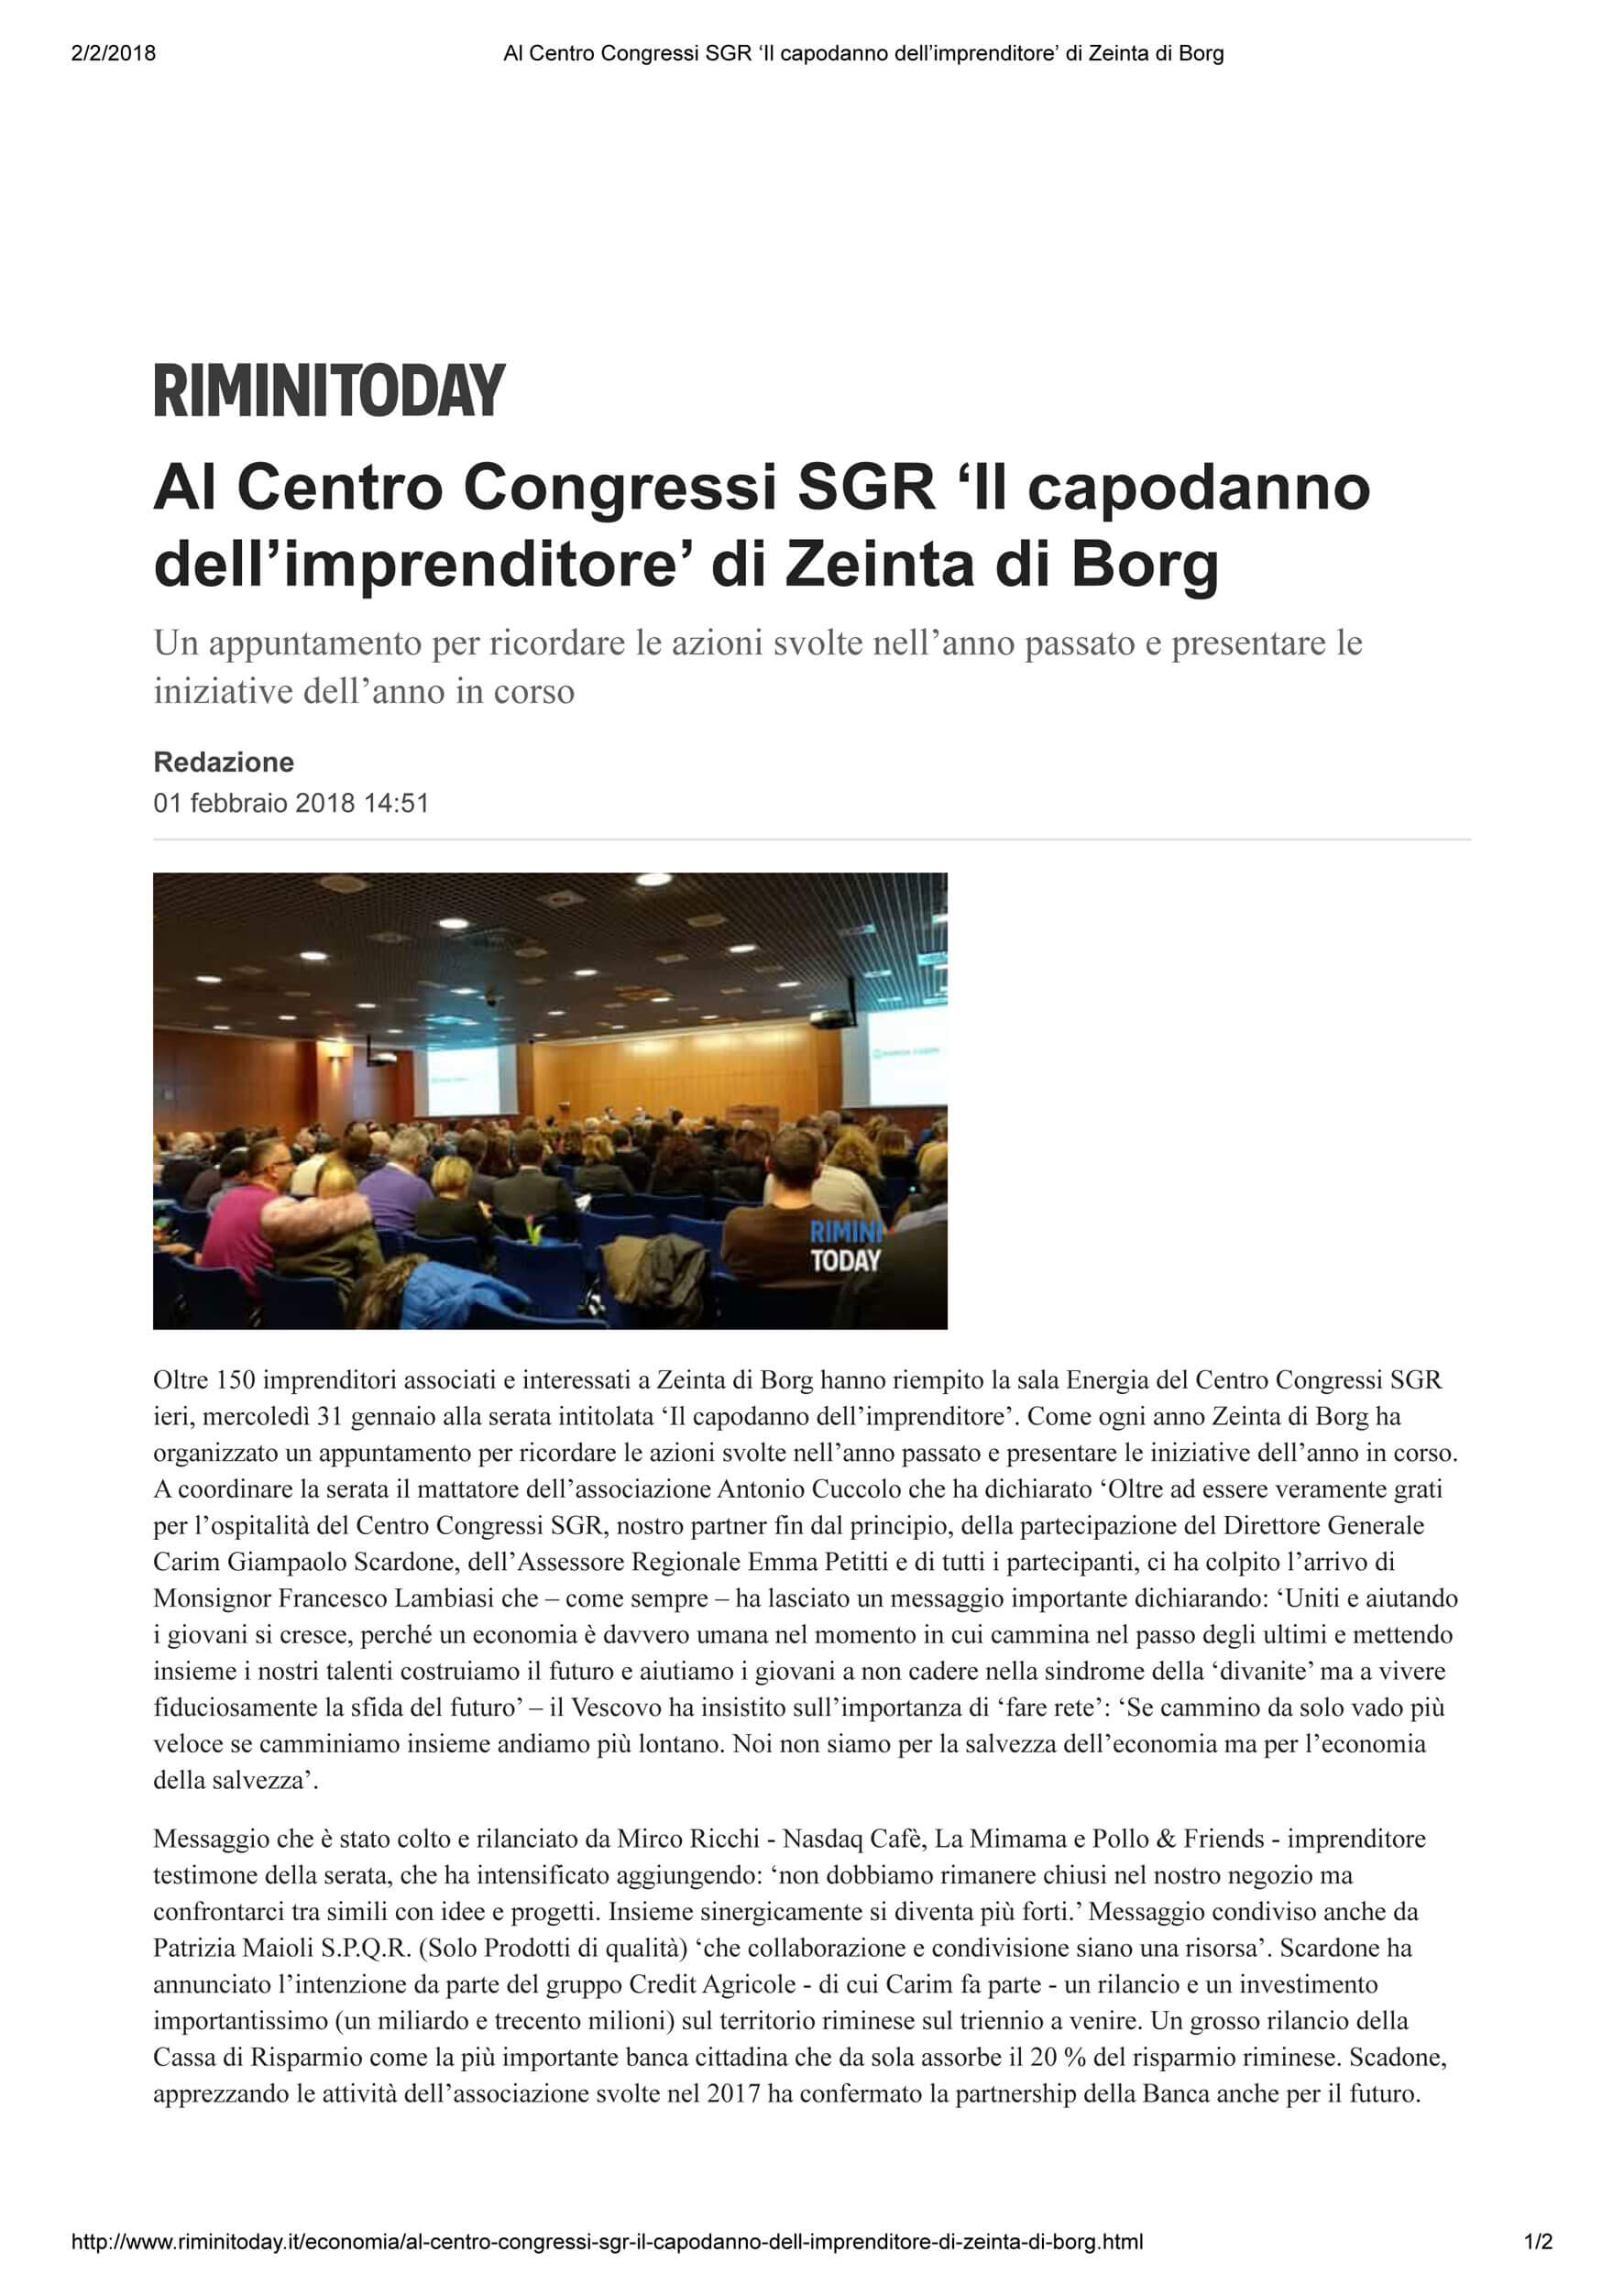 Rimini Today 1-2-2018 Capodanno dell'Imprenditore